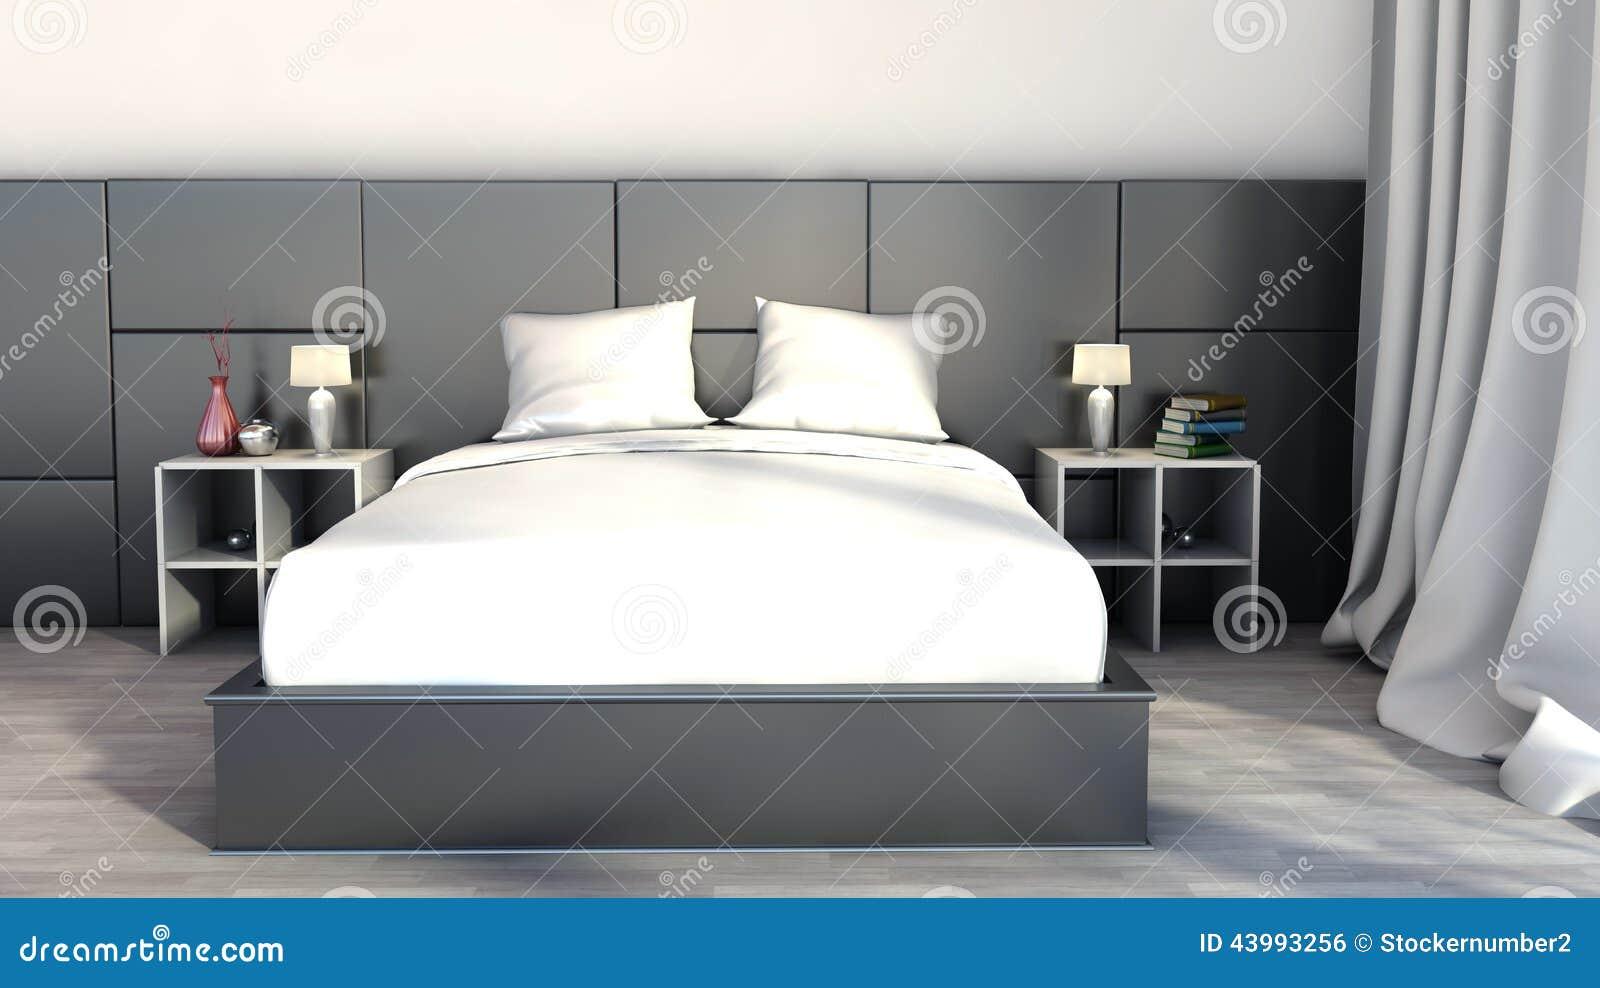 Svartvit färg i sovrummet stock illustrationer   bild: 43993256